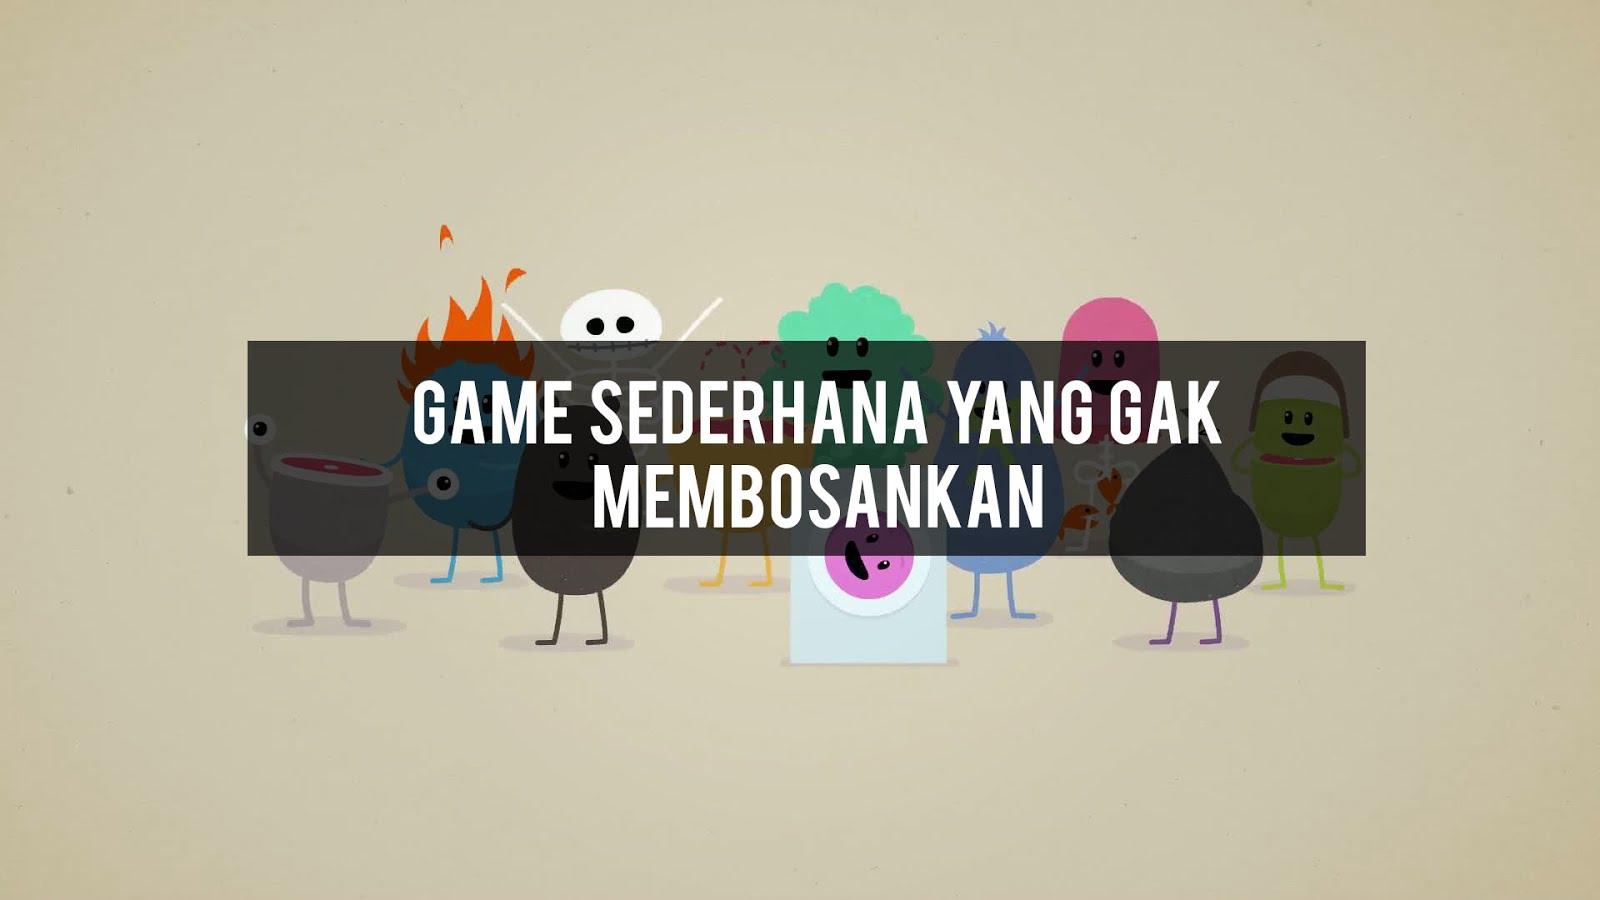 Game game sederhana yang gak membosankan - Rynafiz e899084314